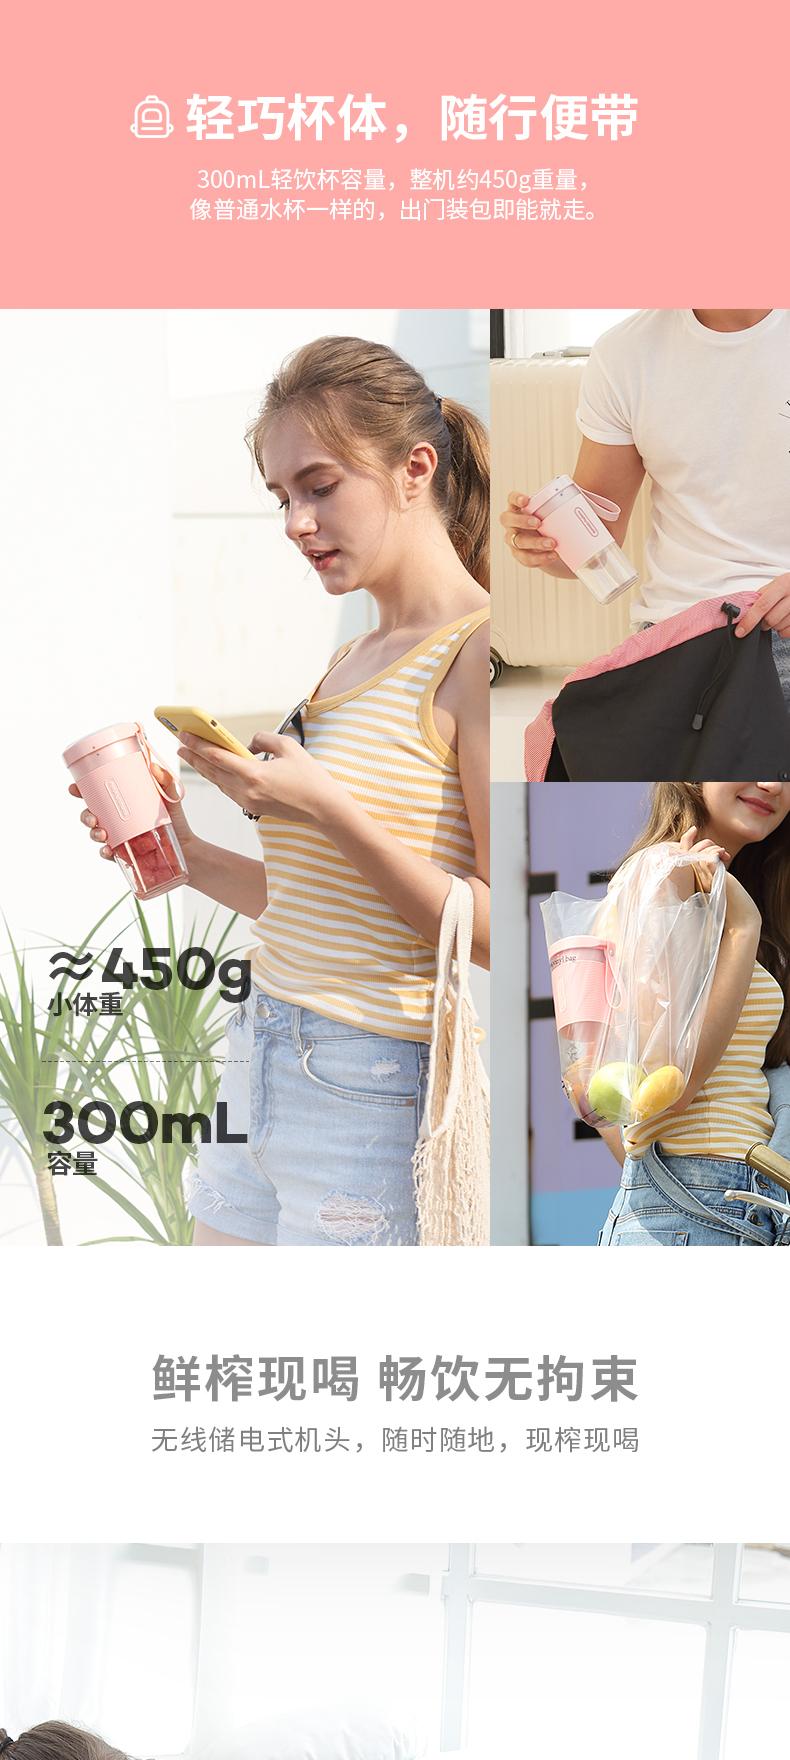 【粉色款】摩飞便携式榨汁机多功能小型电动水果榨汁杯家用料理打果汁搅拌机